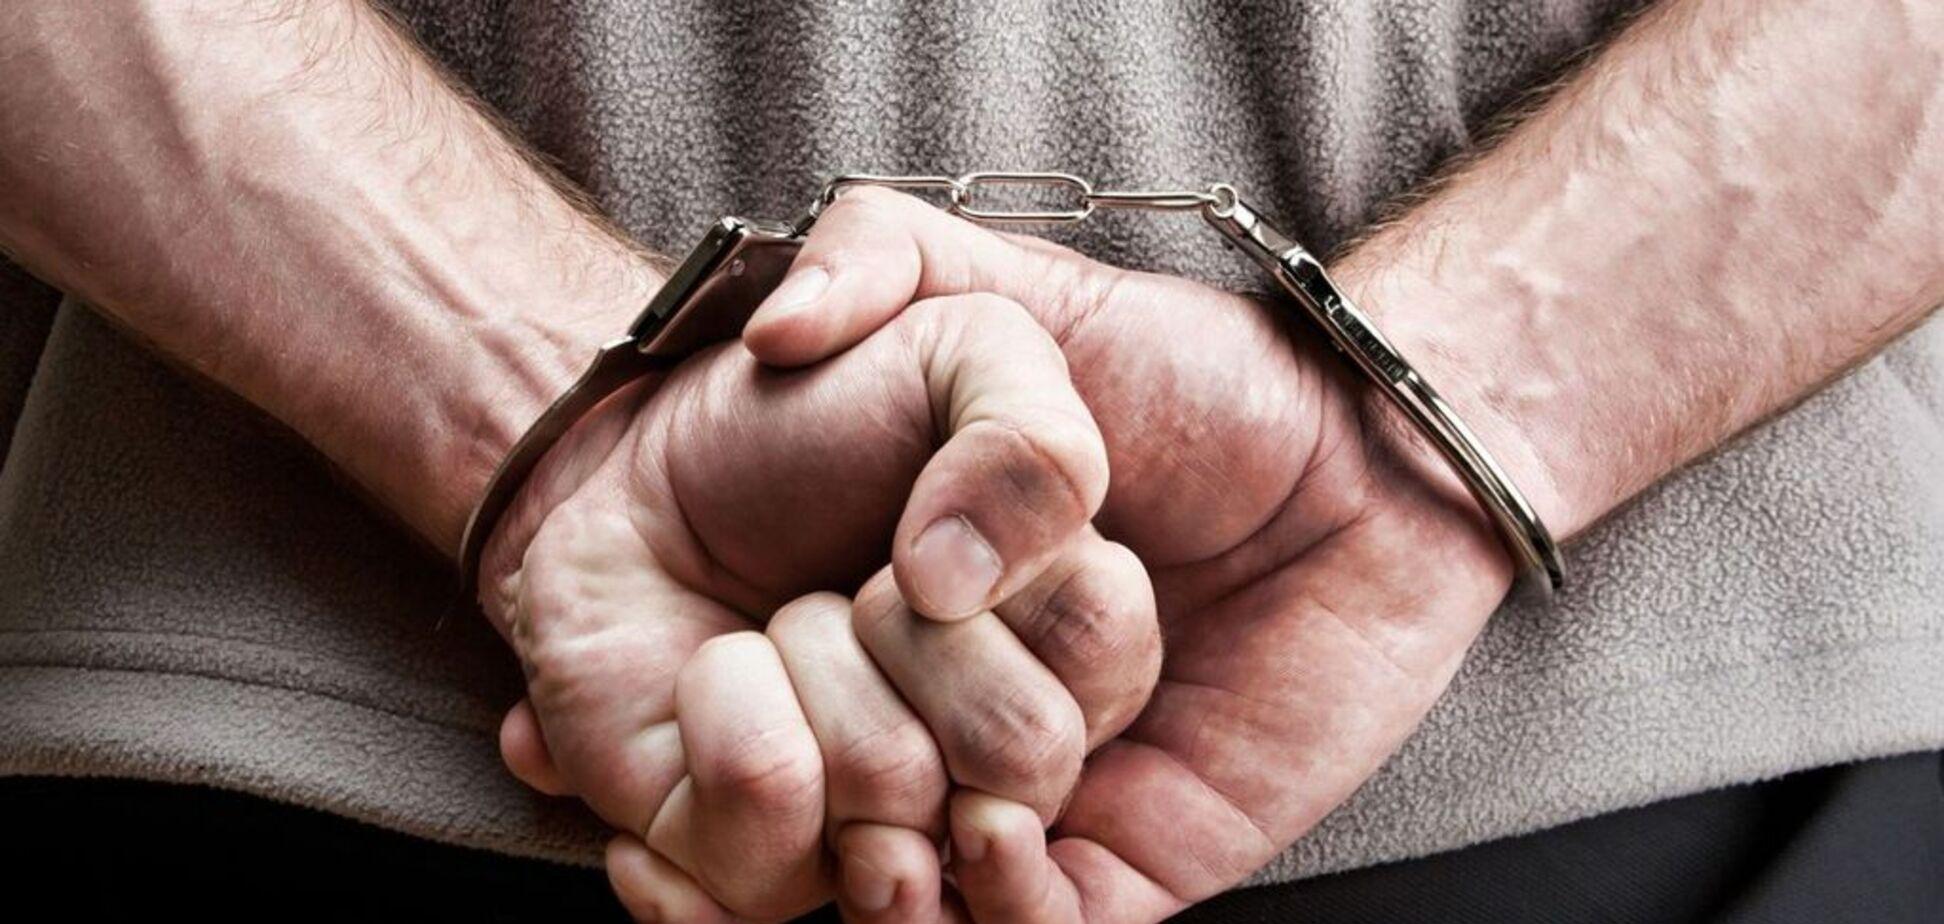 Полиция поймала опасных бандитов, терроризировавших магазины в Одессе